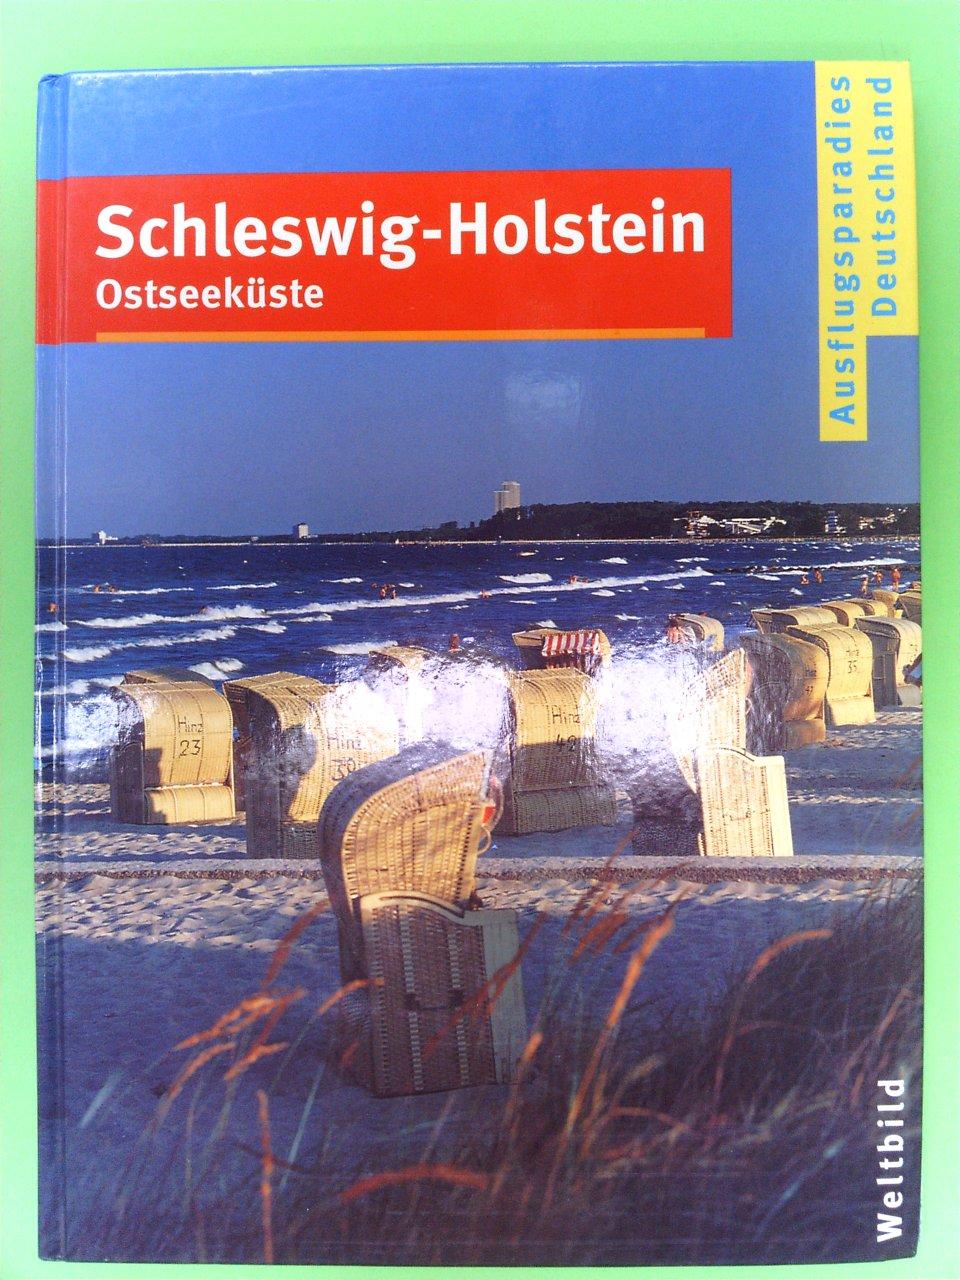 Schleswig-Holstein, Ostseeküste 1. Auflage